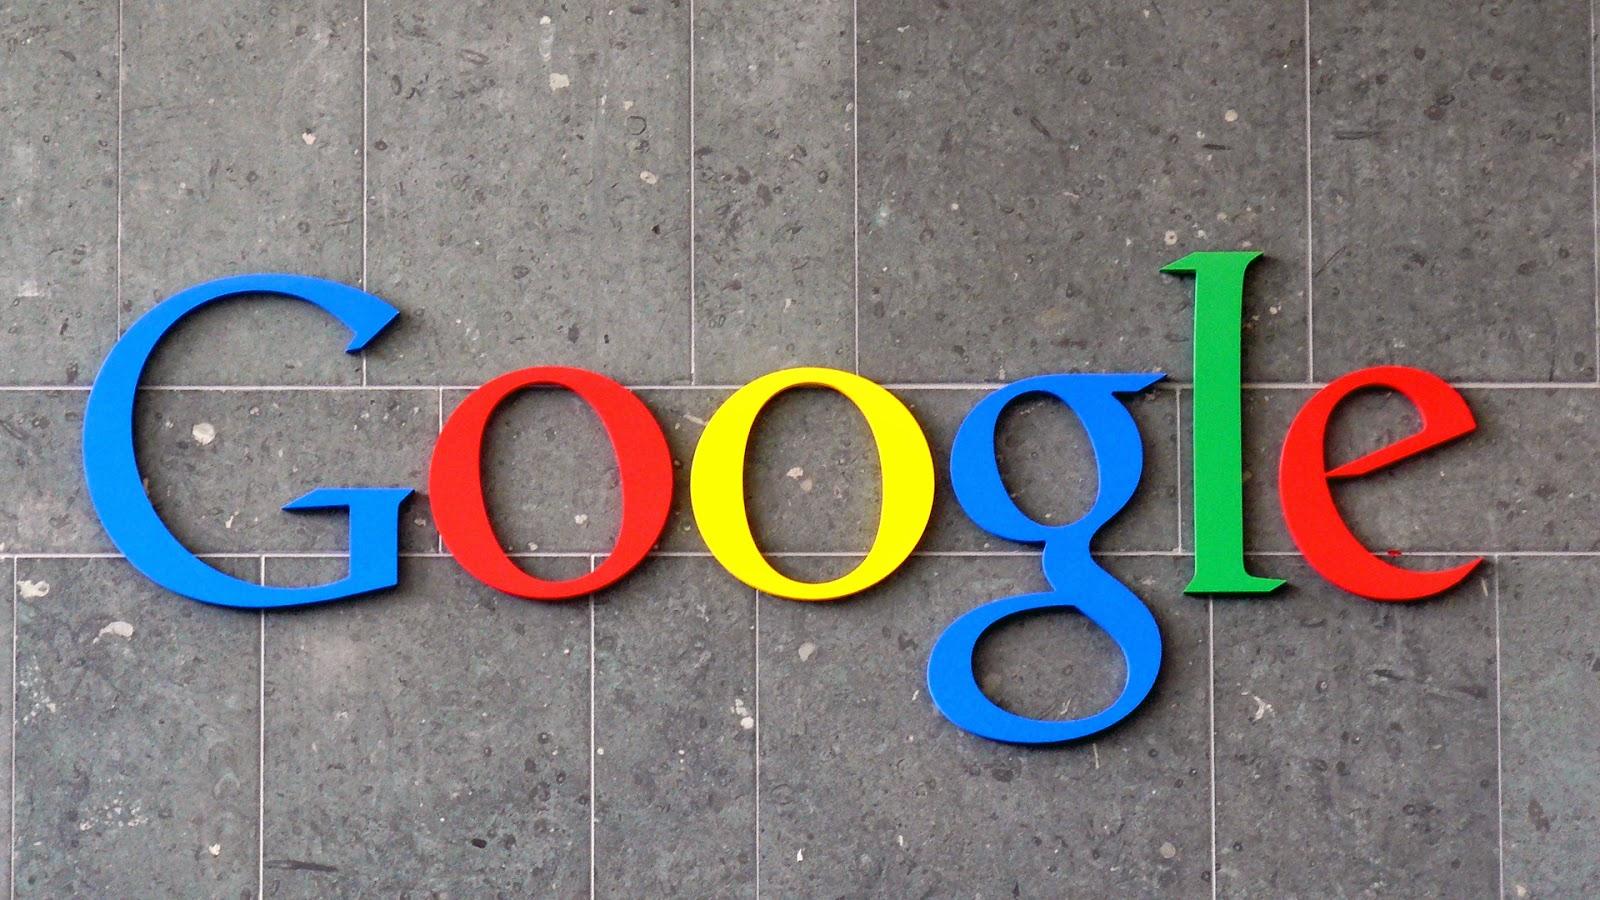 جوجل تؤكد نيتها التحول إلى شركة اتصالات